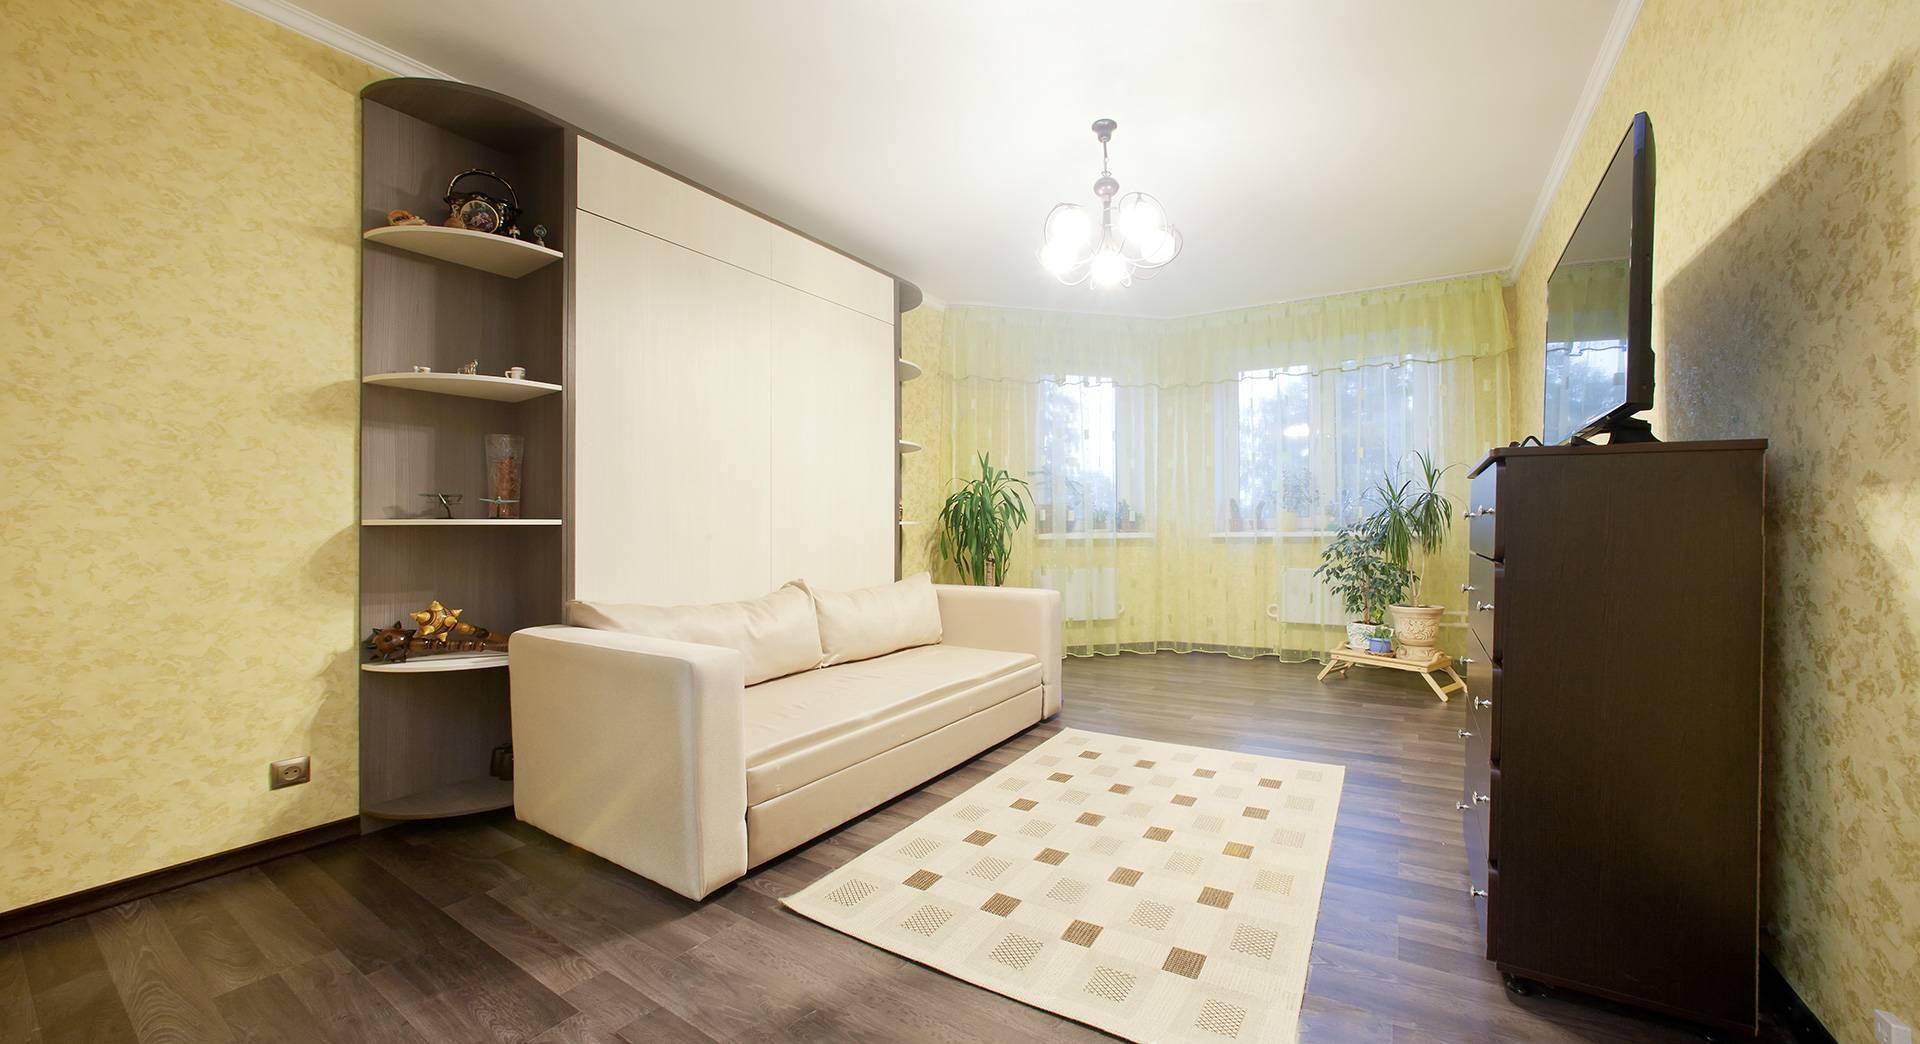 Как выбрать диван-кровать-трансформер для малогабаритной квартиры?